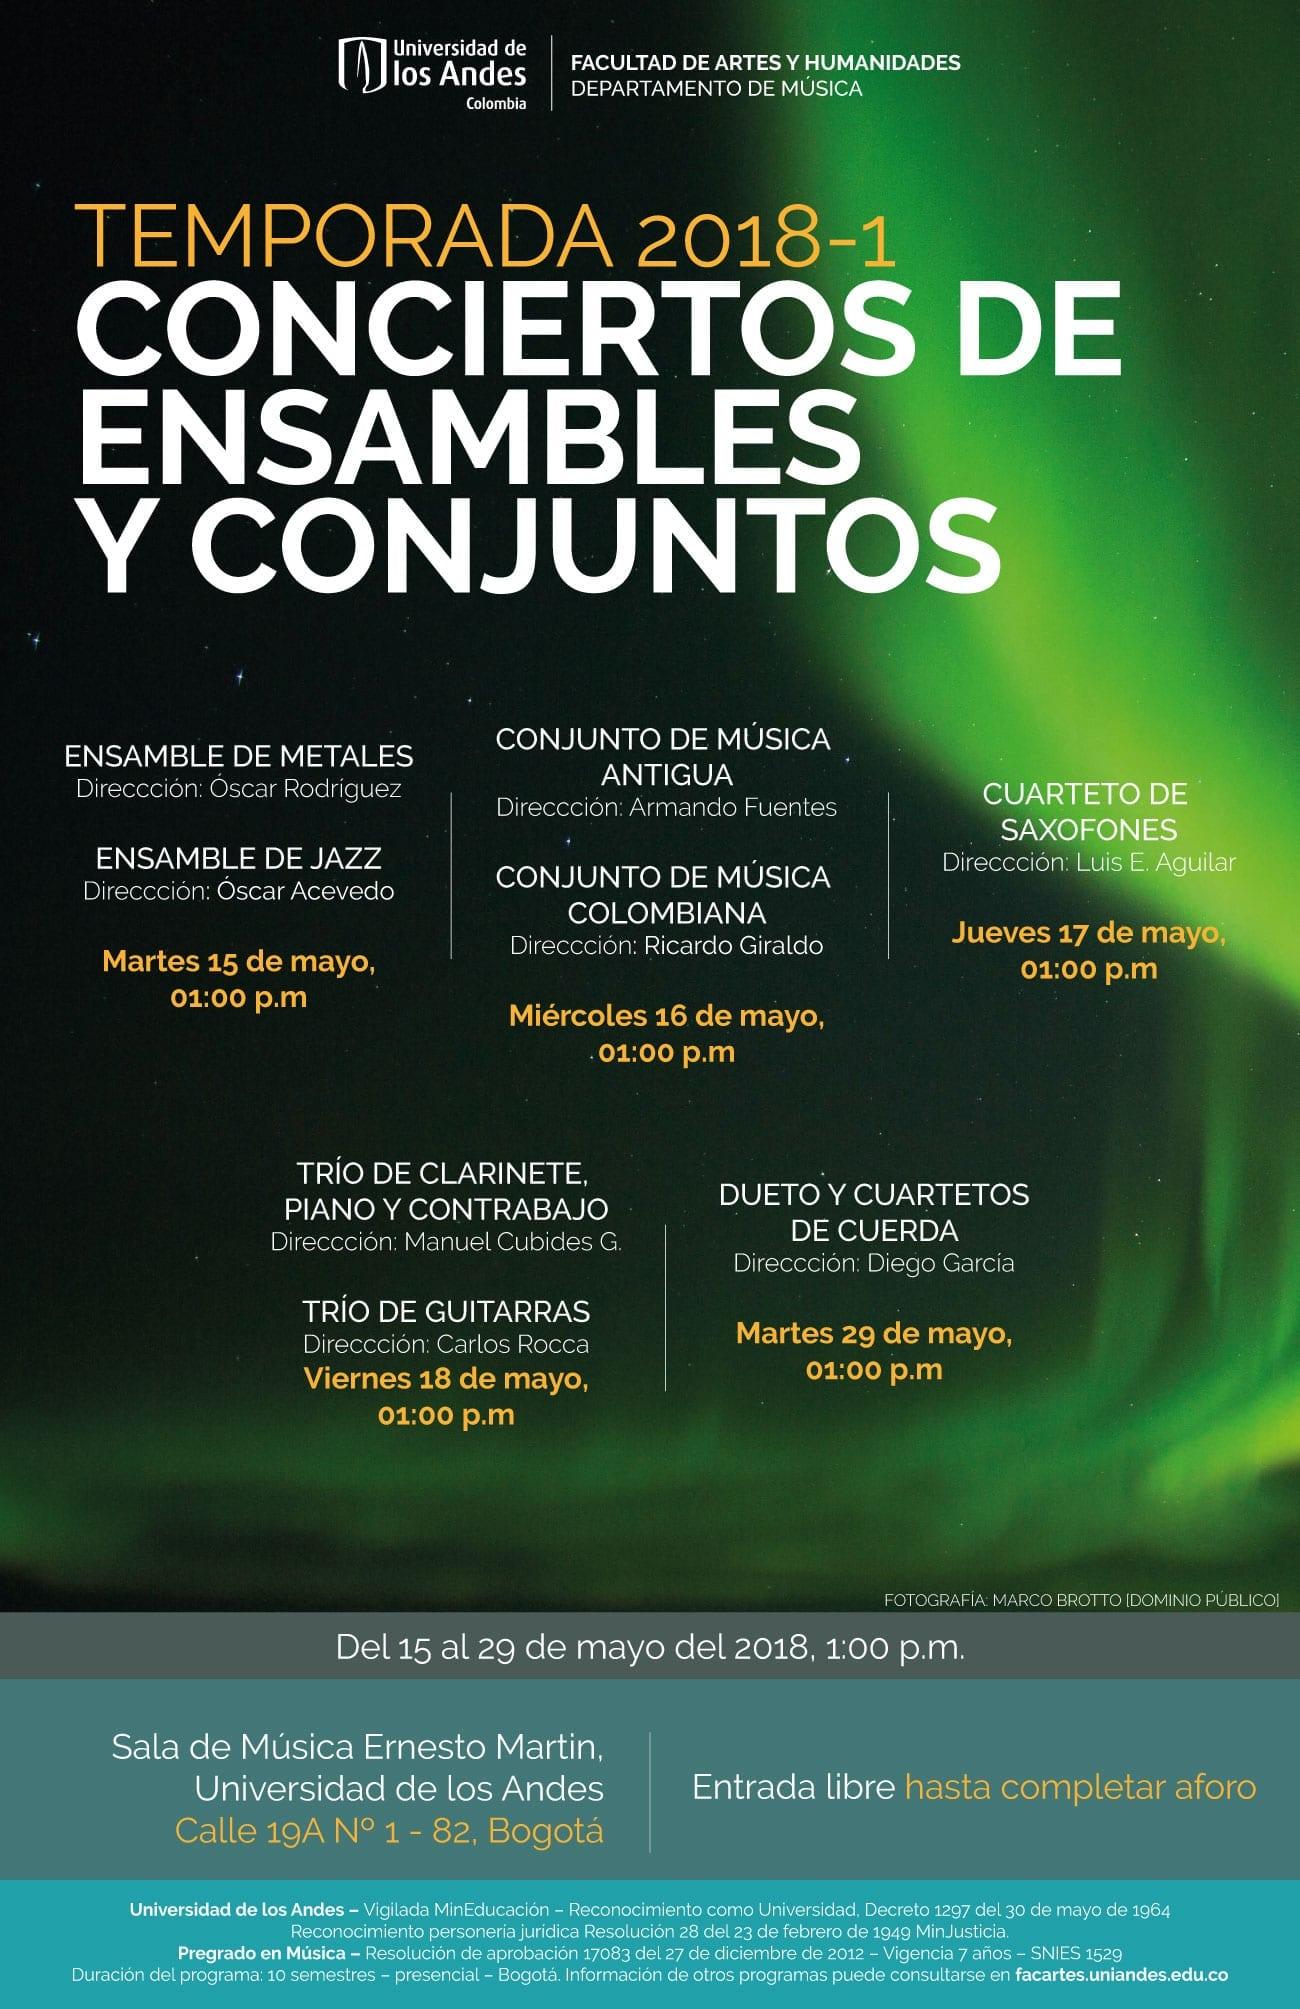 Temporada 2018-1 de Conciertos de los Ensambles y Conjuntos musicales uniandinos